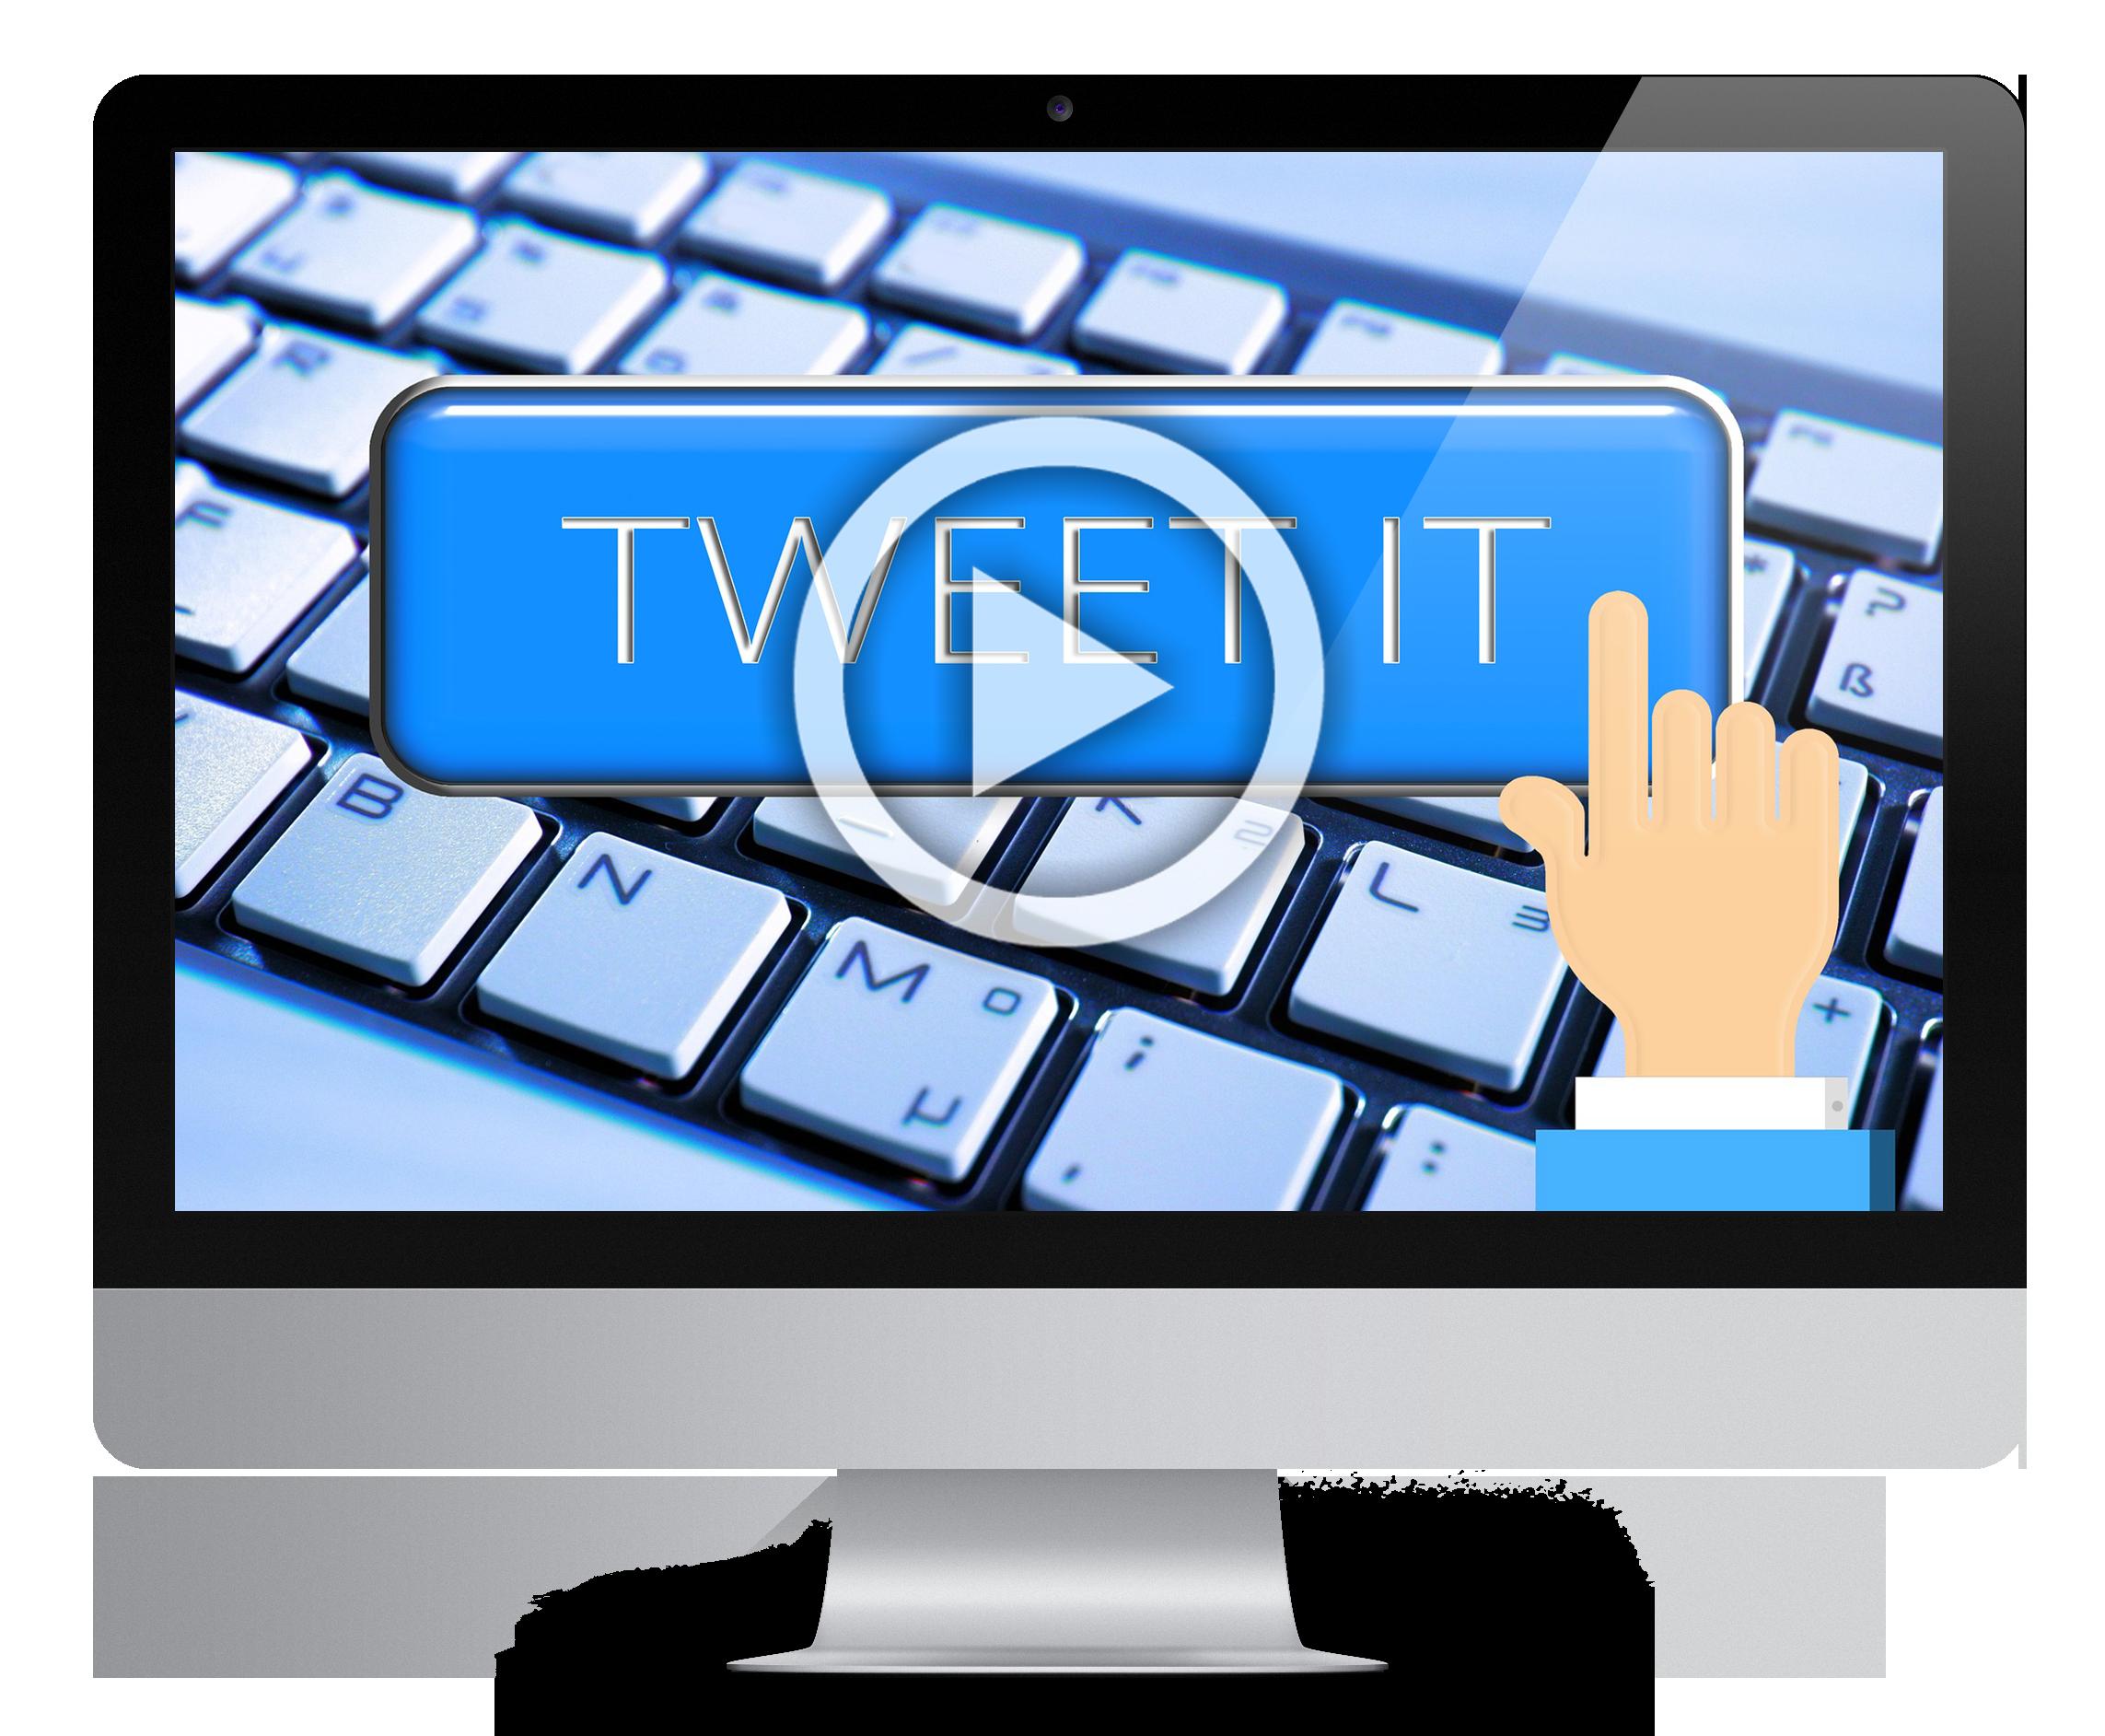 szkolenie-twitter-reklama-online